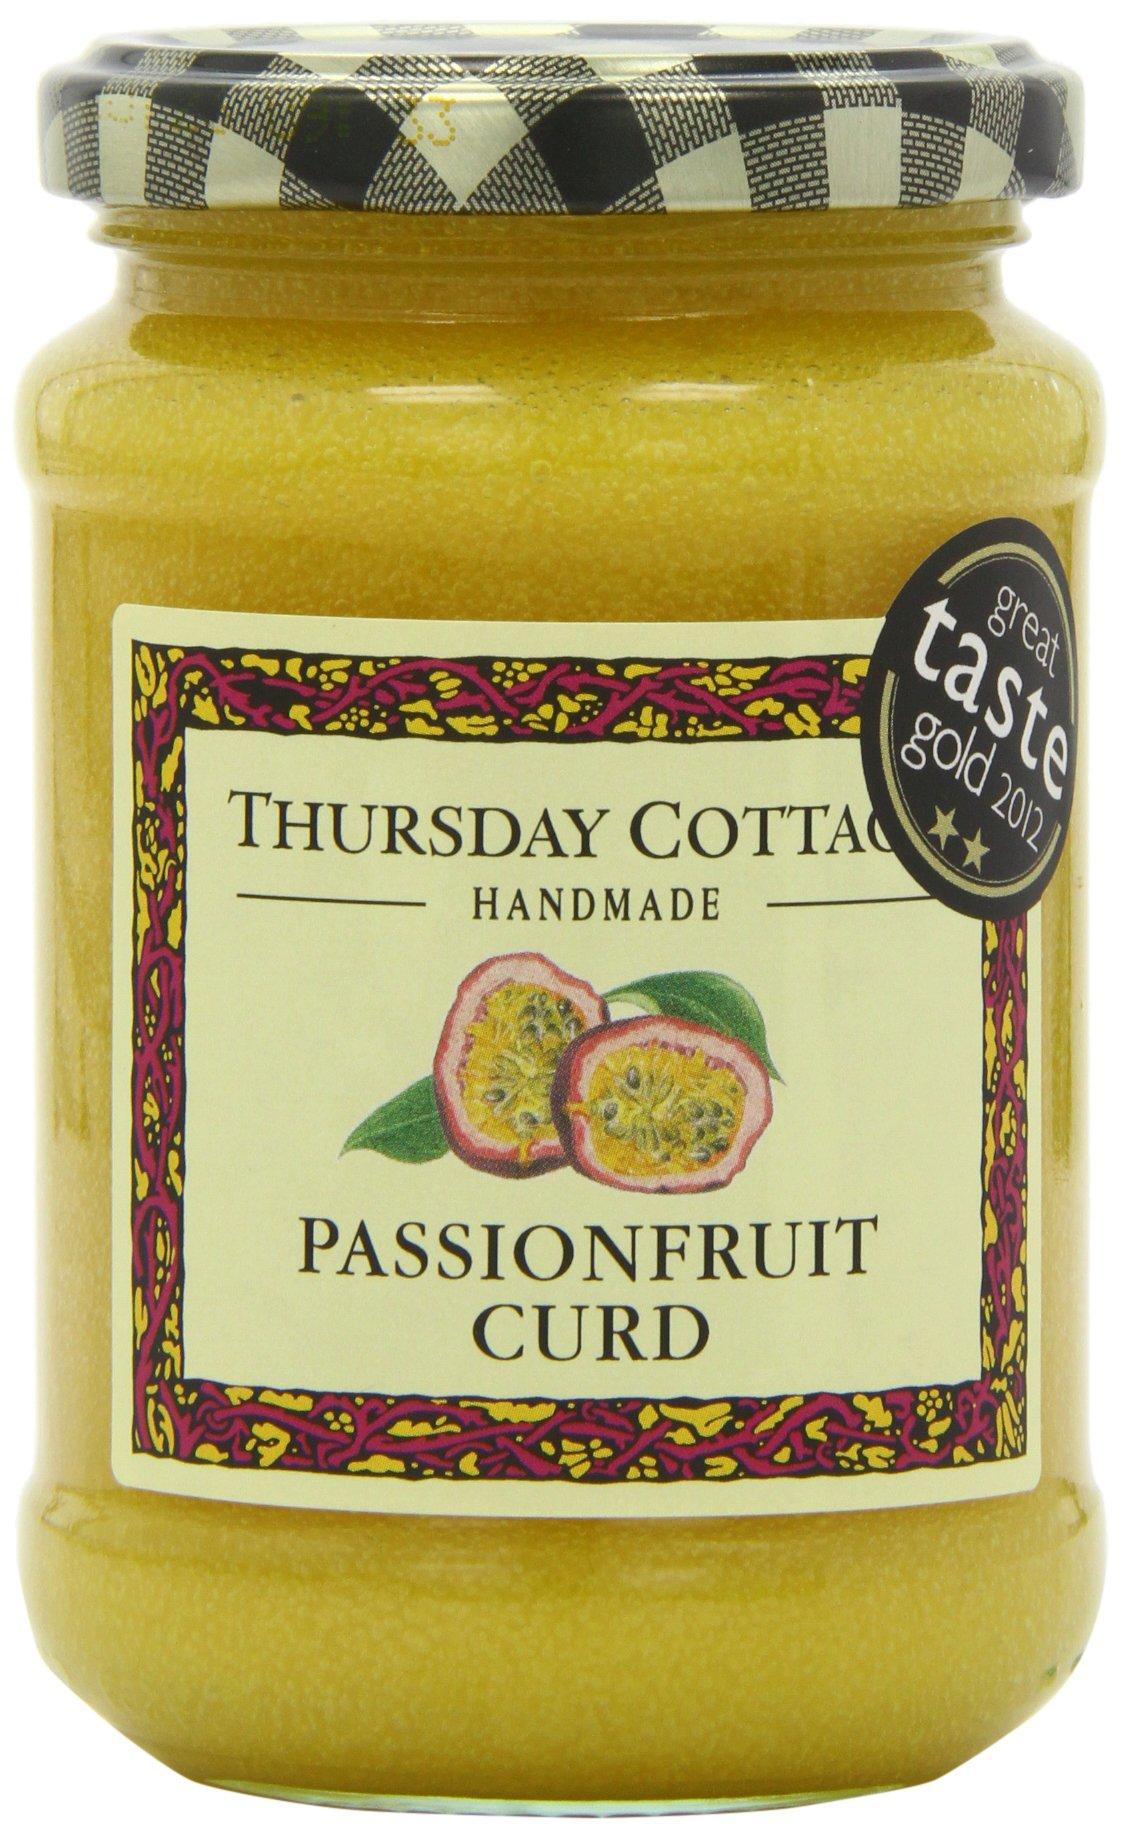 Thursday Cottage - Passion Fruit Curd - 310g